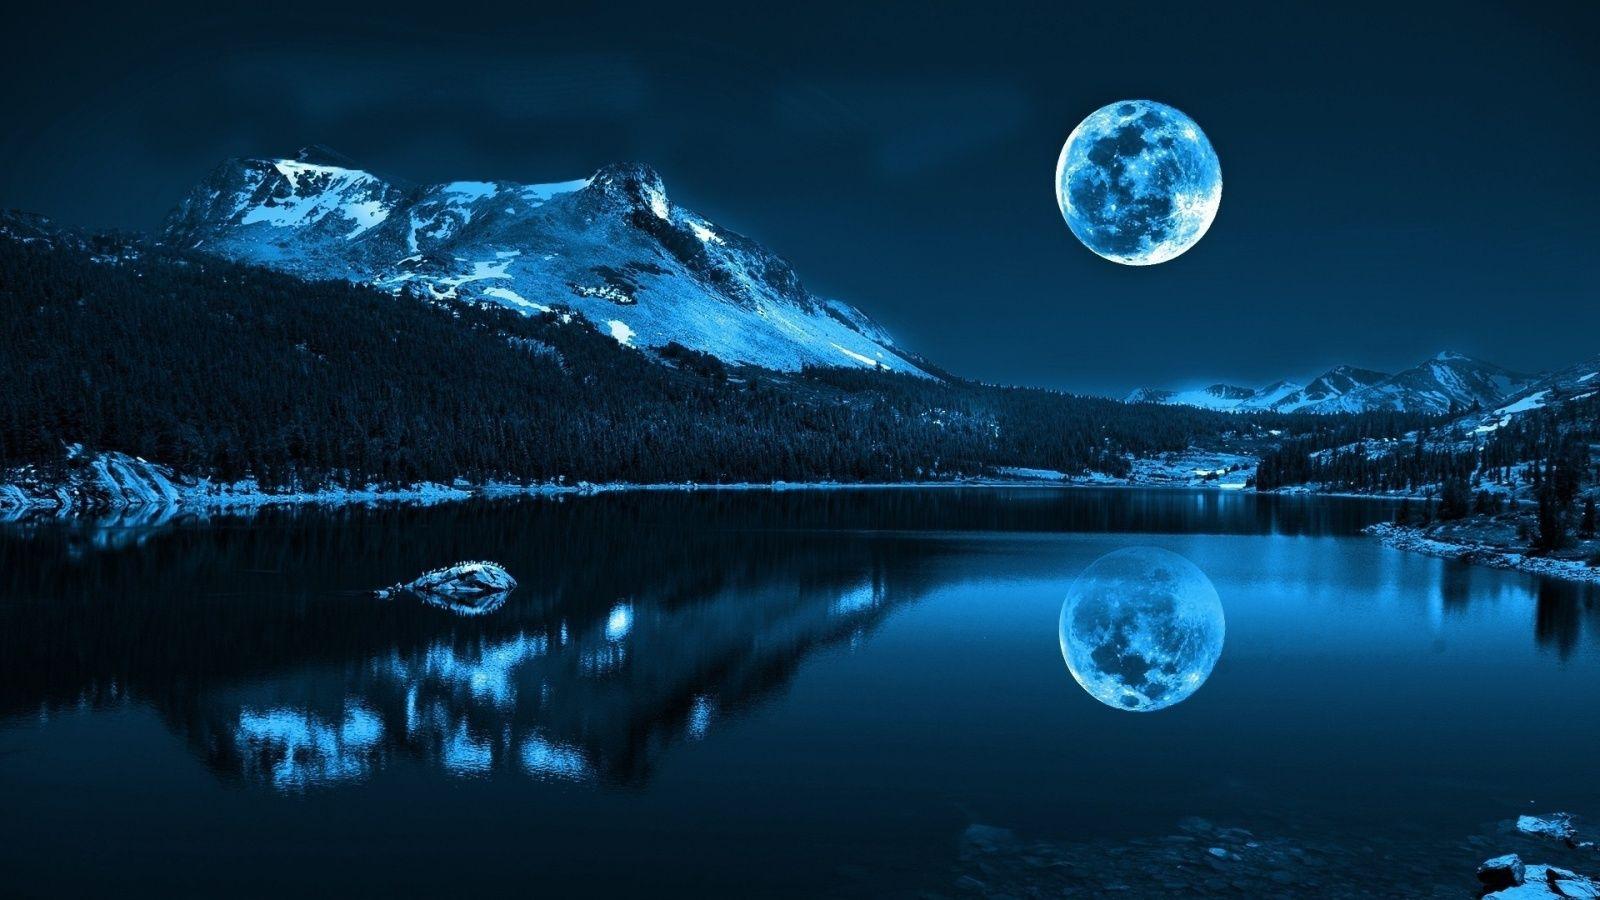 Moon Desktop Wallpapers   Top Moon Desktop Backgrounds 1600x900